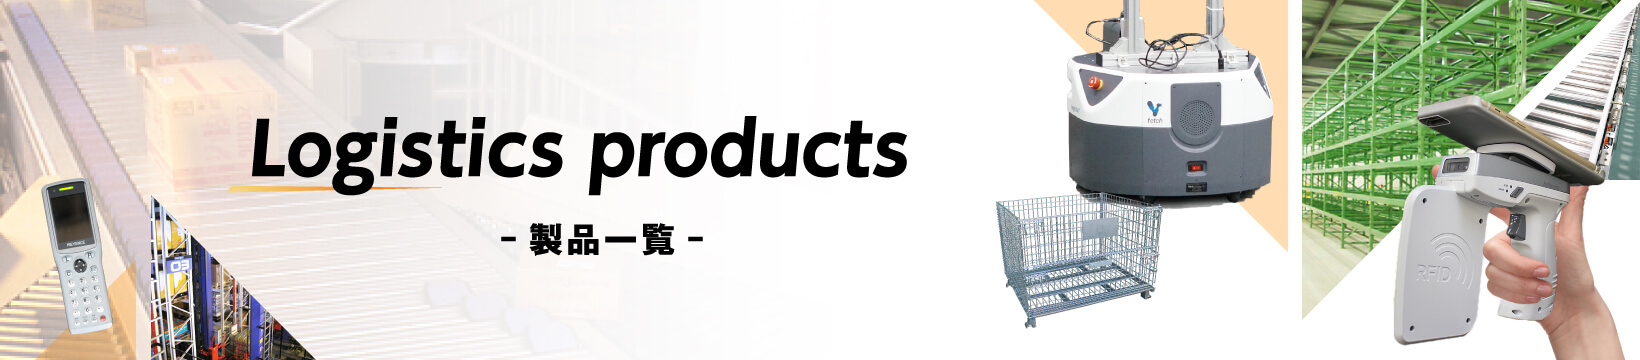 製品カテゴリ一覧